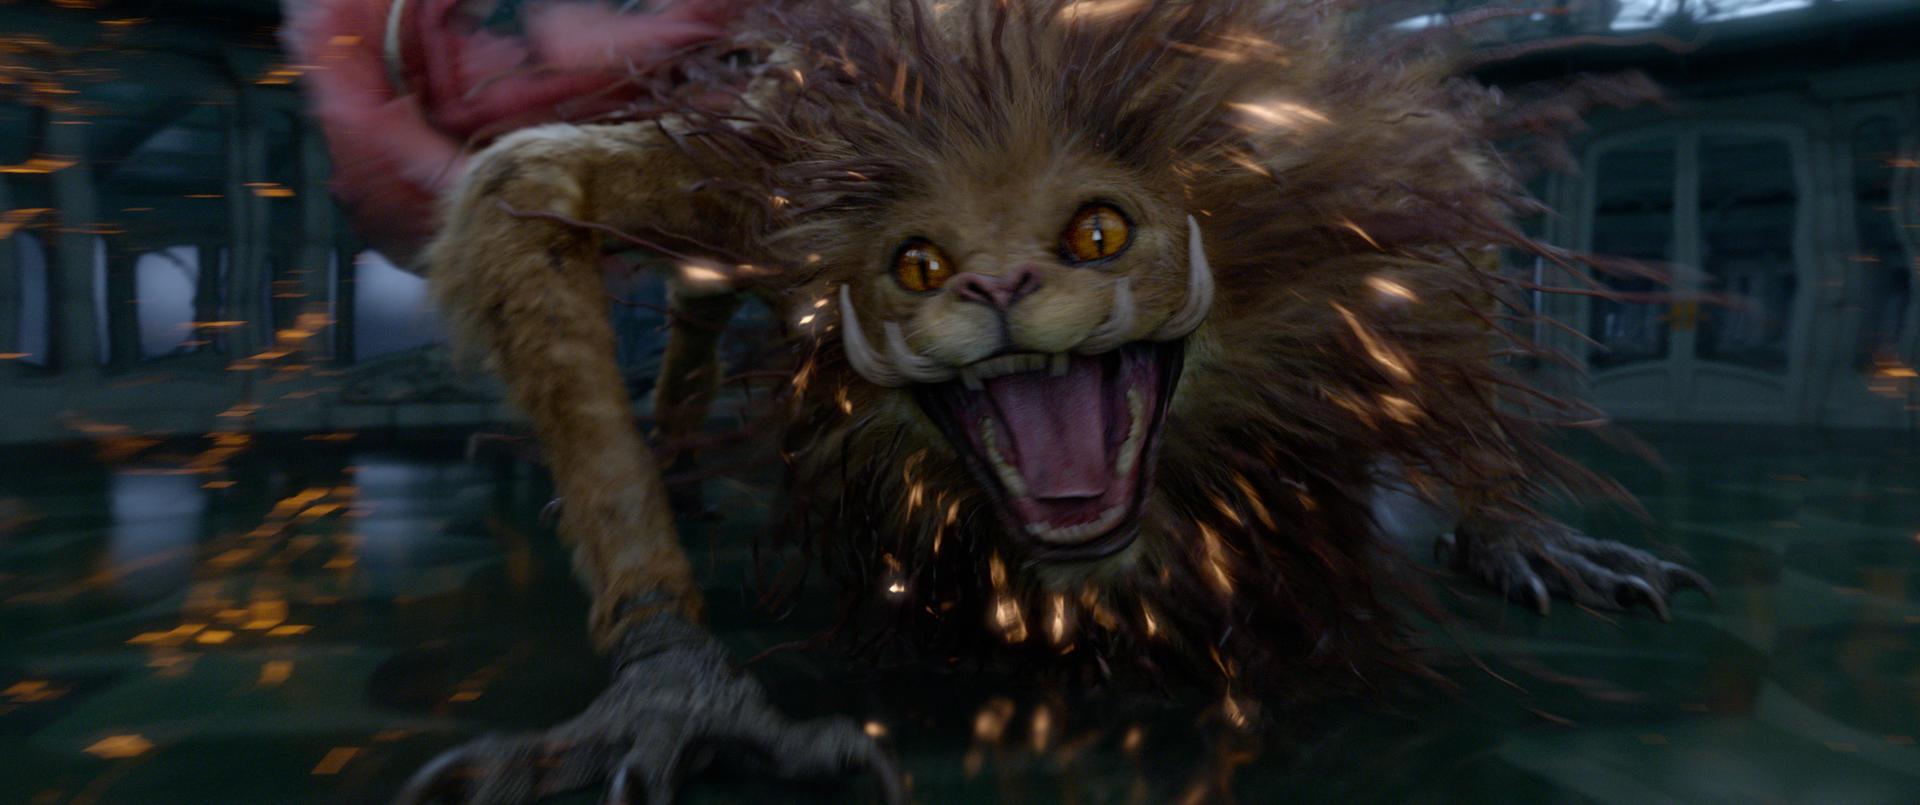 Phantastische Tierwesen: Grindelwalds Verbrechen Filmkritik